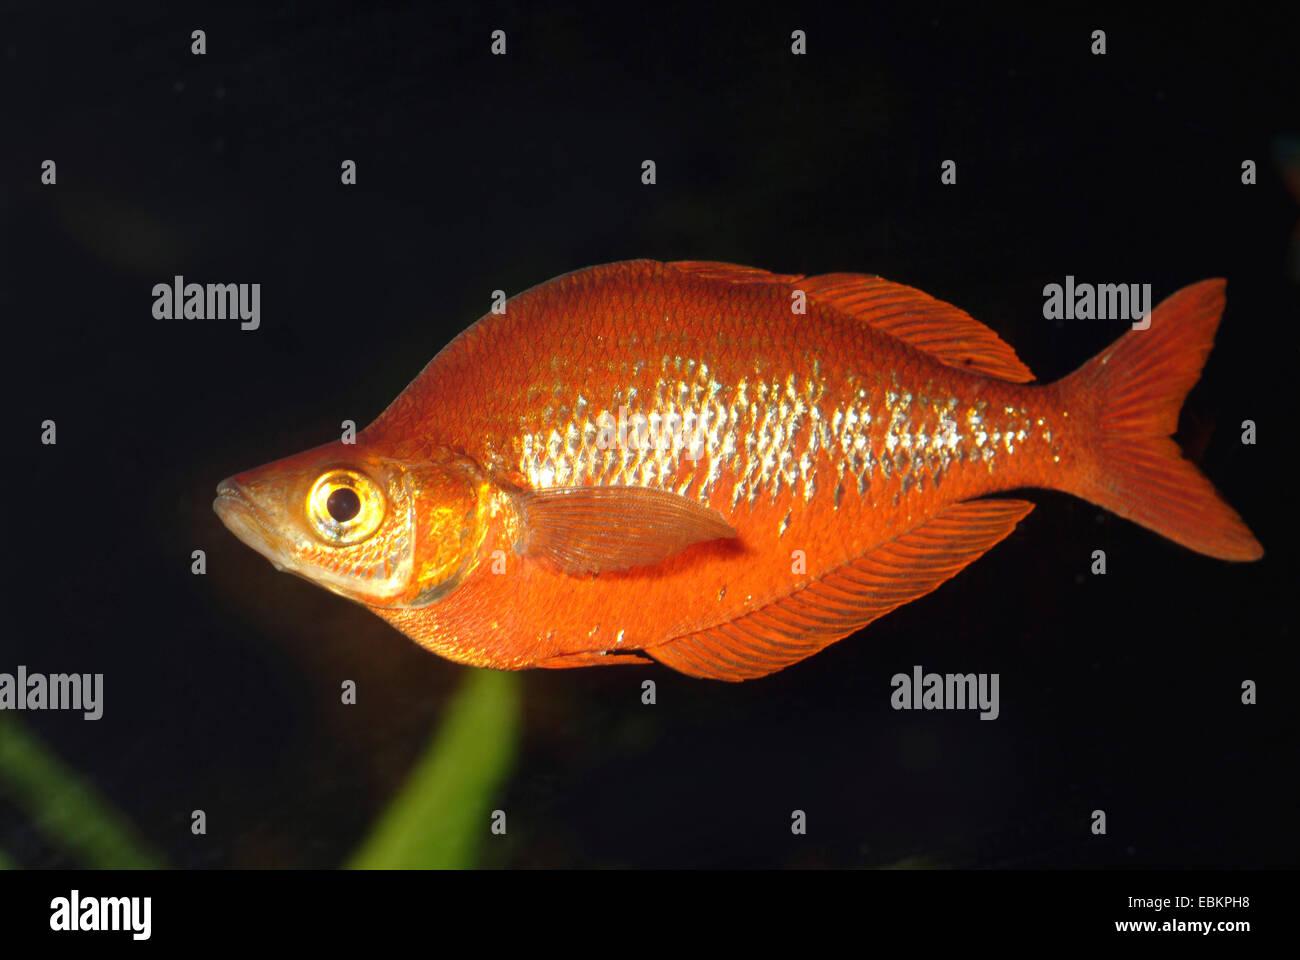 Rainbowfish rosso, rosso Salmone Rainbowfish (Glossolepis incisus), maschio nuoto, KZLU1007 Immagini Stock